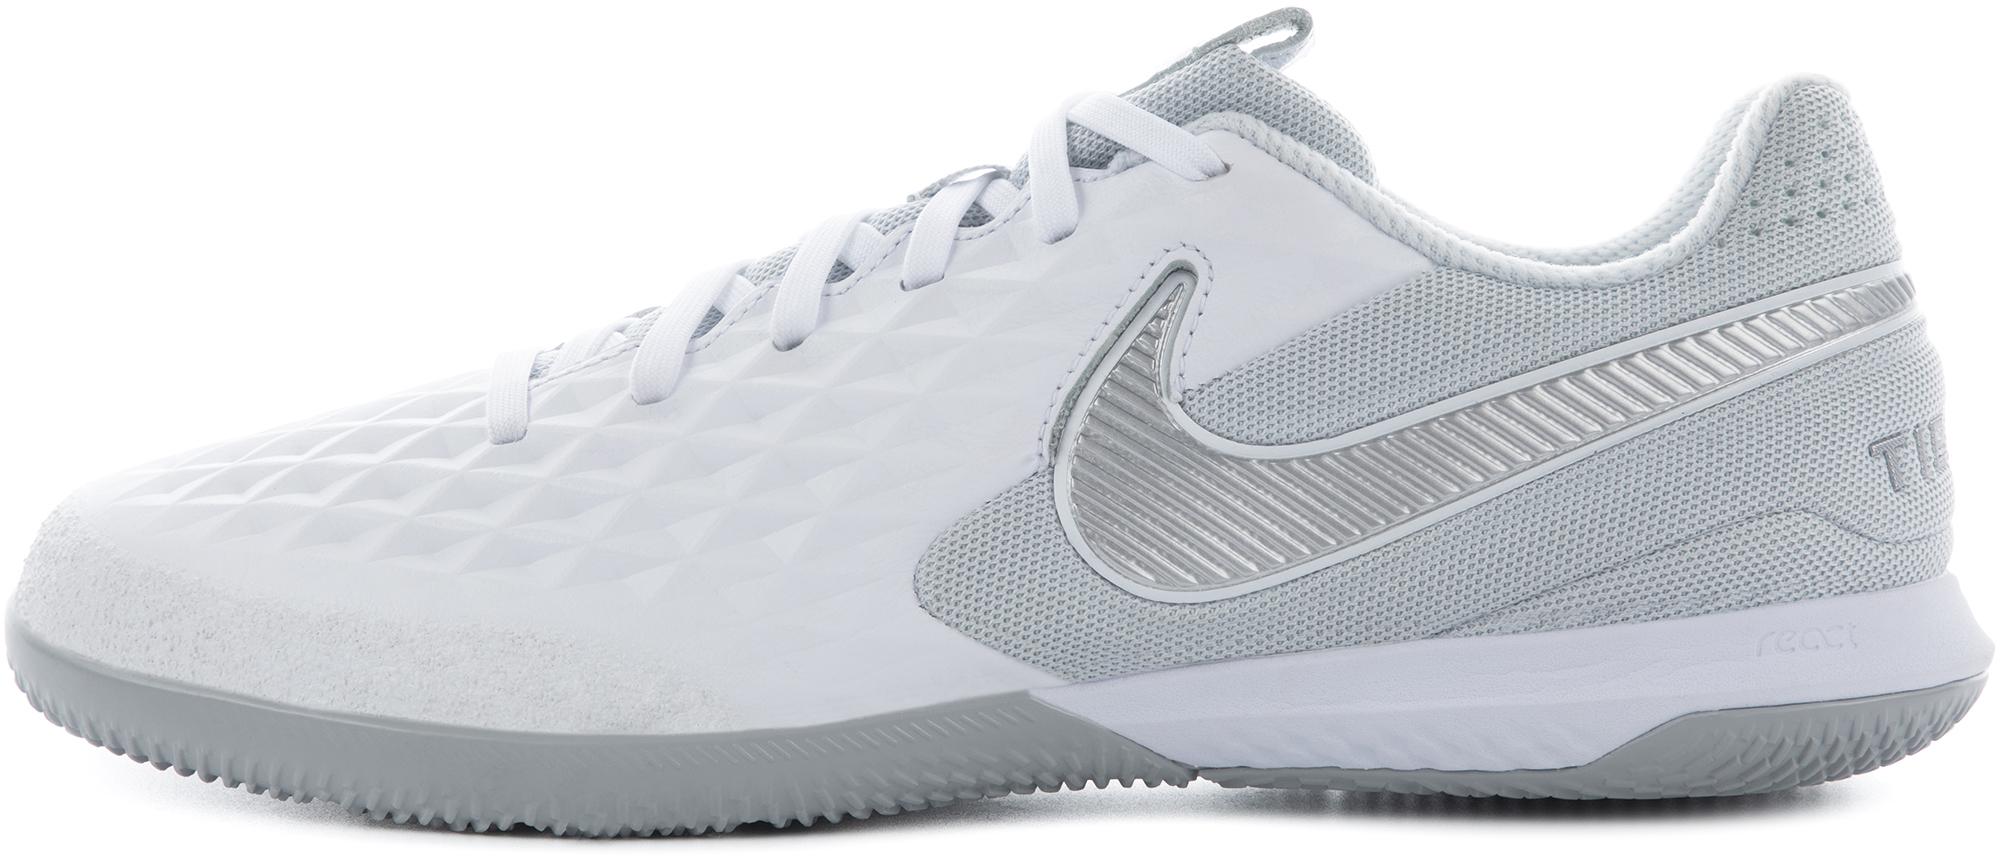 Nike Бутсы мужские React Legend 8 Pro IC, размер 44